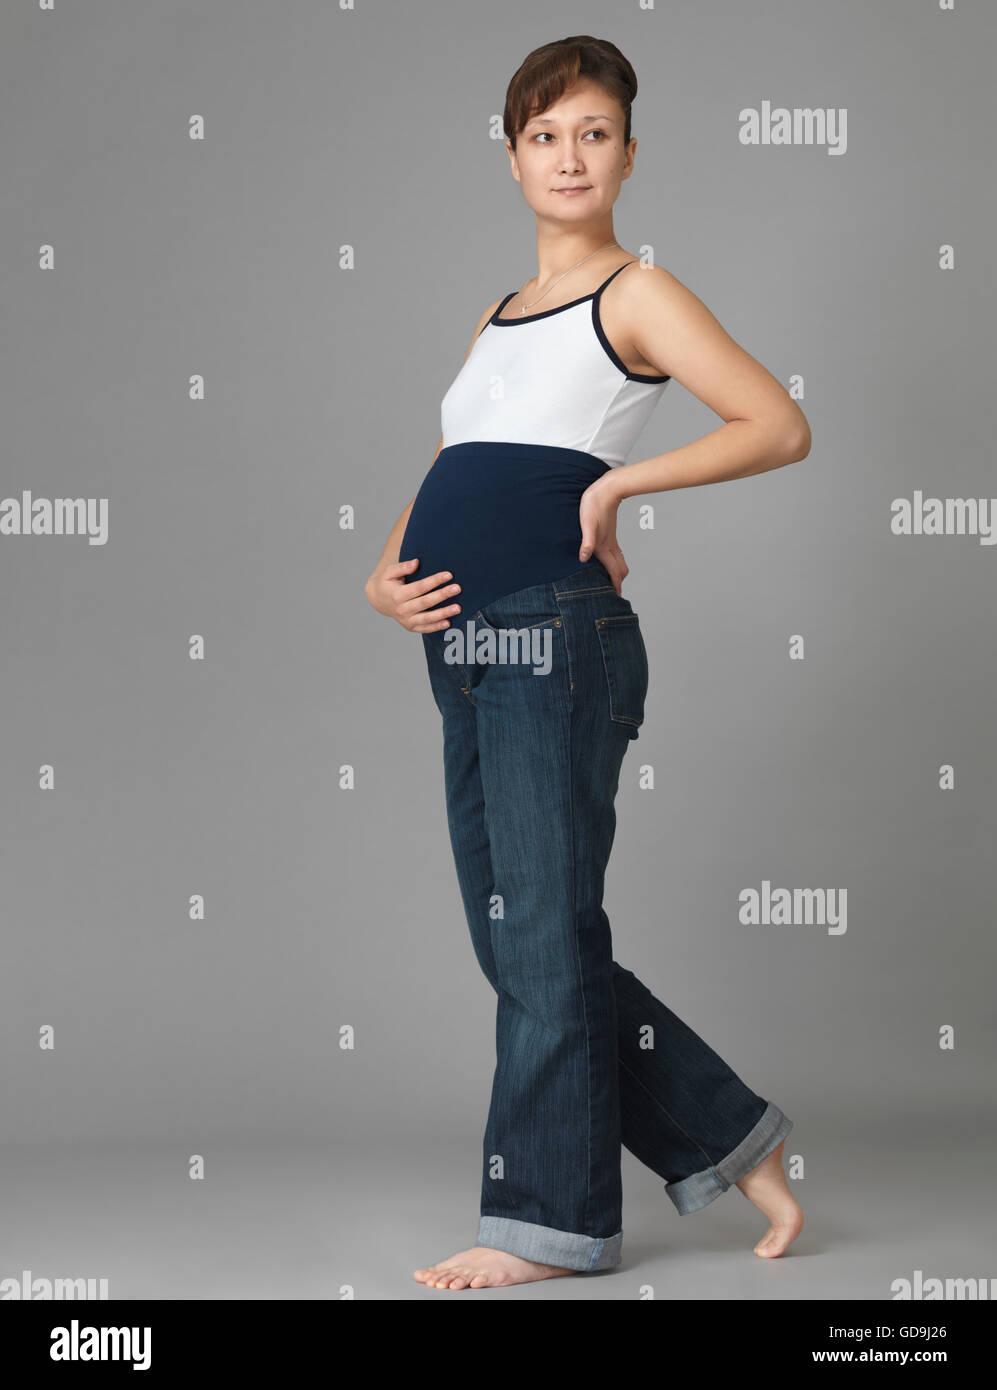 Jeune femme enceinte portant des jeans de maternité avec une bande élastique autour de son ventre Photo Stock